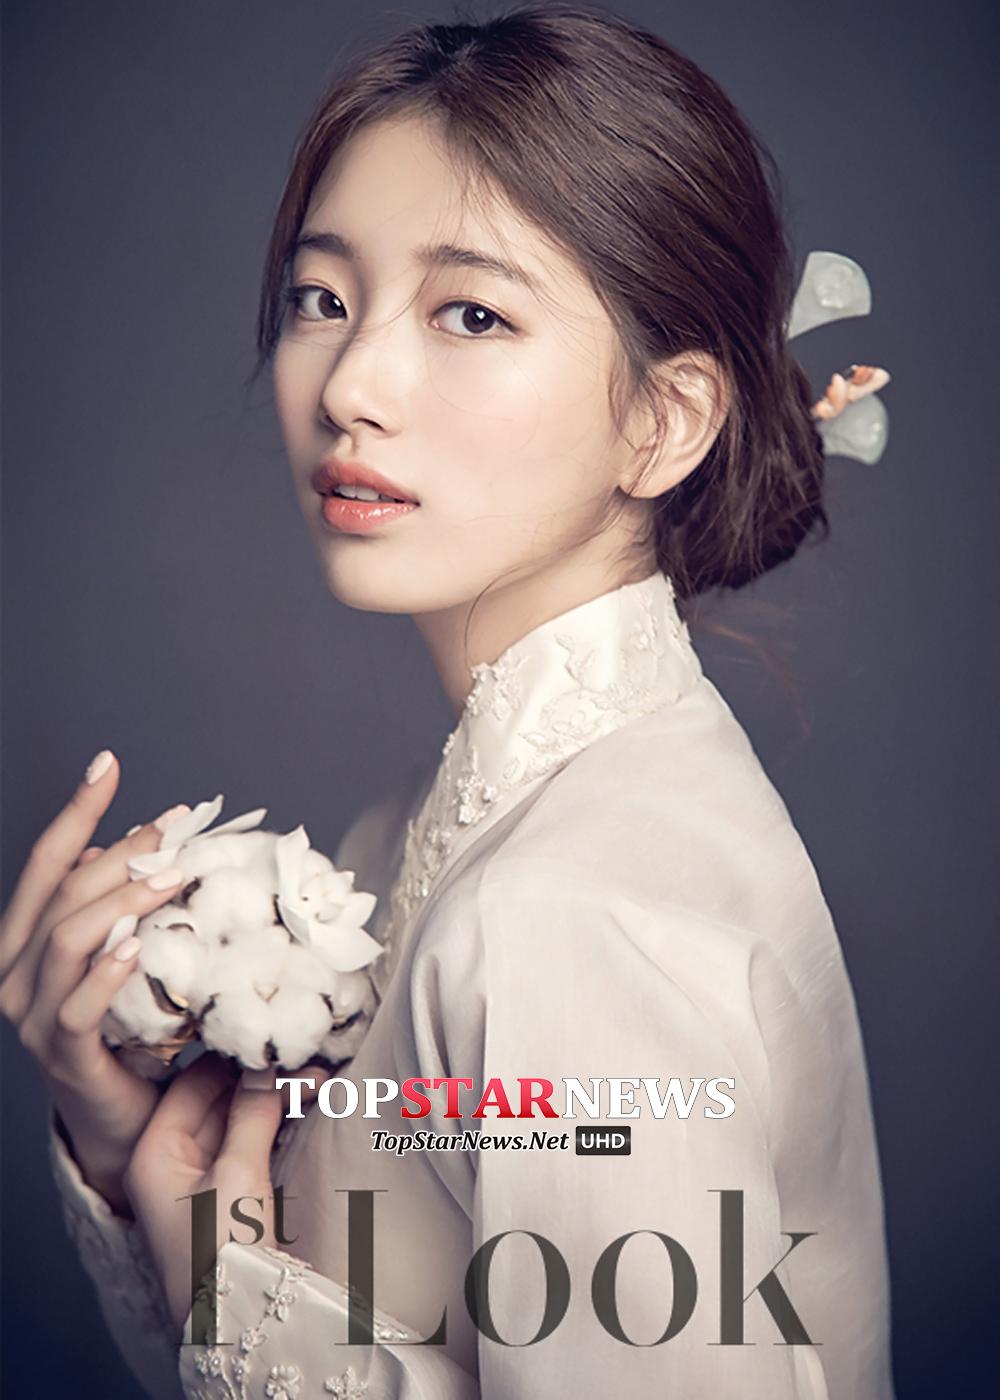 但比起秀智電影劇照 更讓韓國網友們驚豔的 是日前為雜誌拍攝的韓服造型封面 不僅讓網友讚嘆氣質典雅  更有人說是今年看到最適合穿韓服的藝人